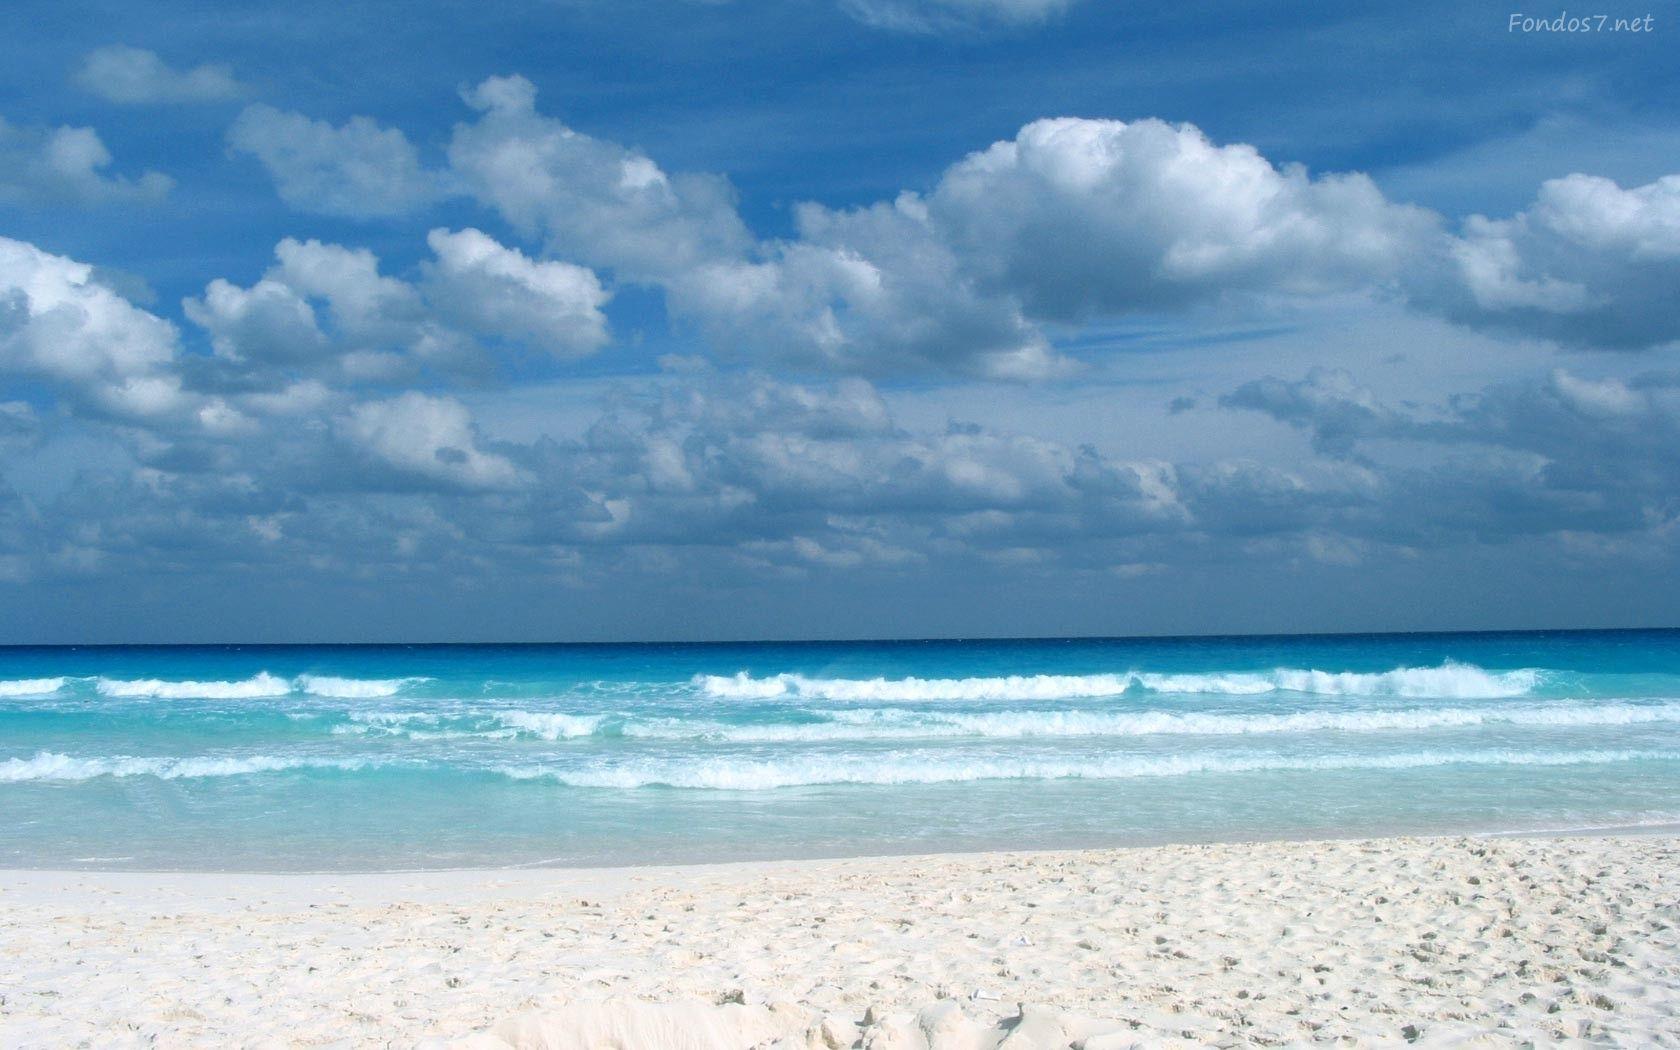 fondos pantalla hd el mar  Buscar con Google  Islas playas